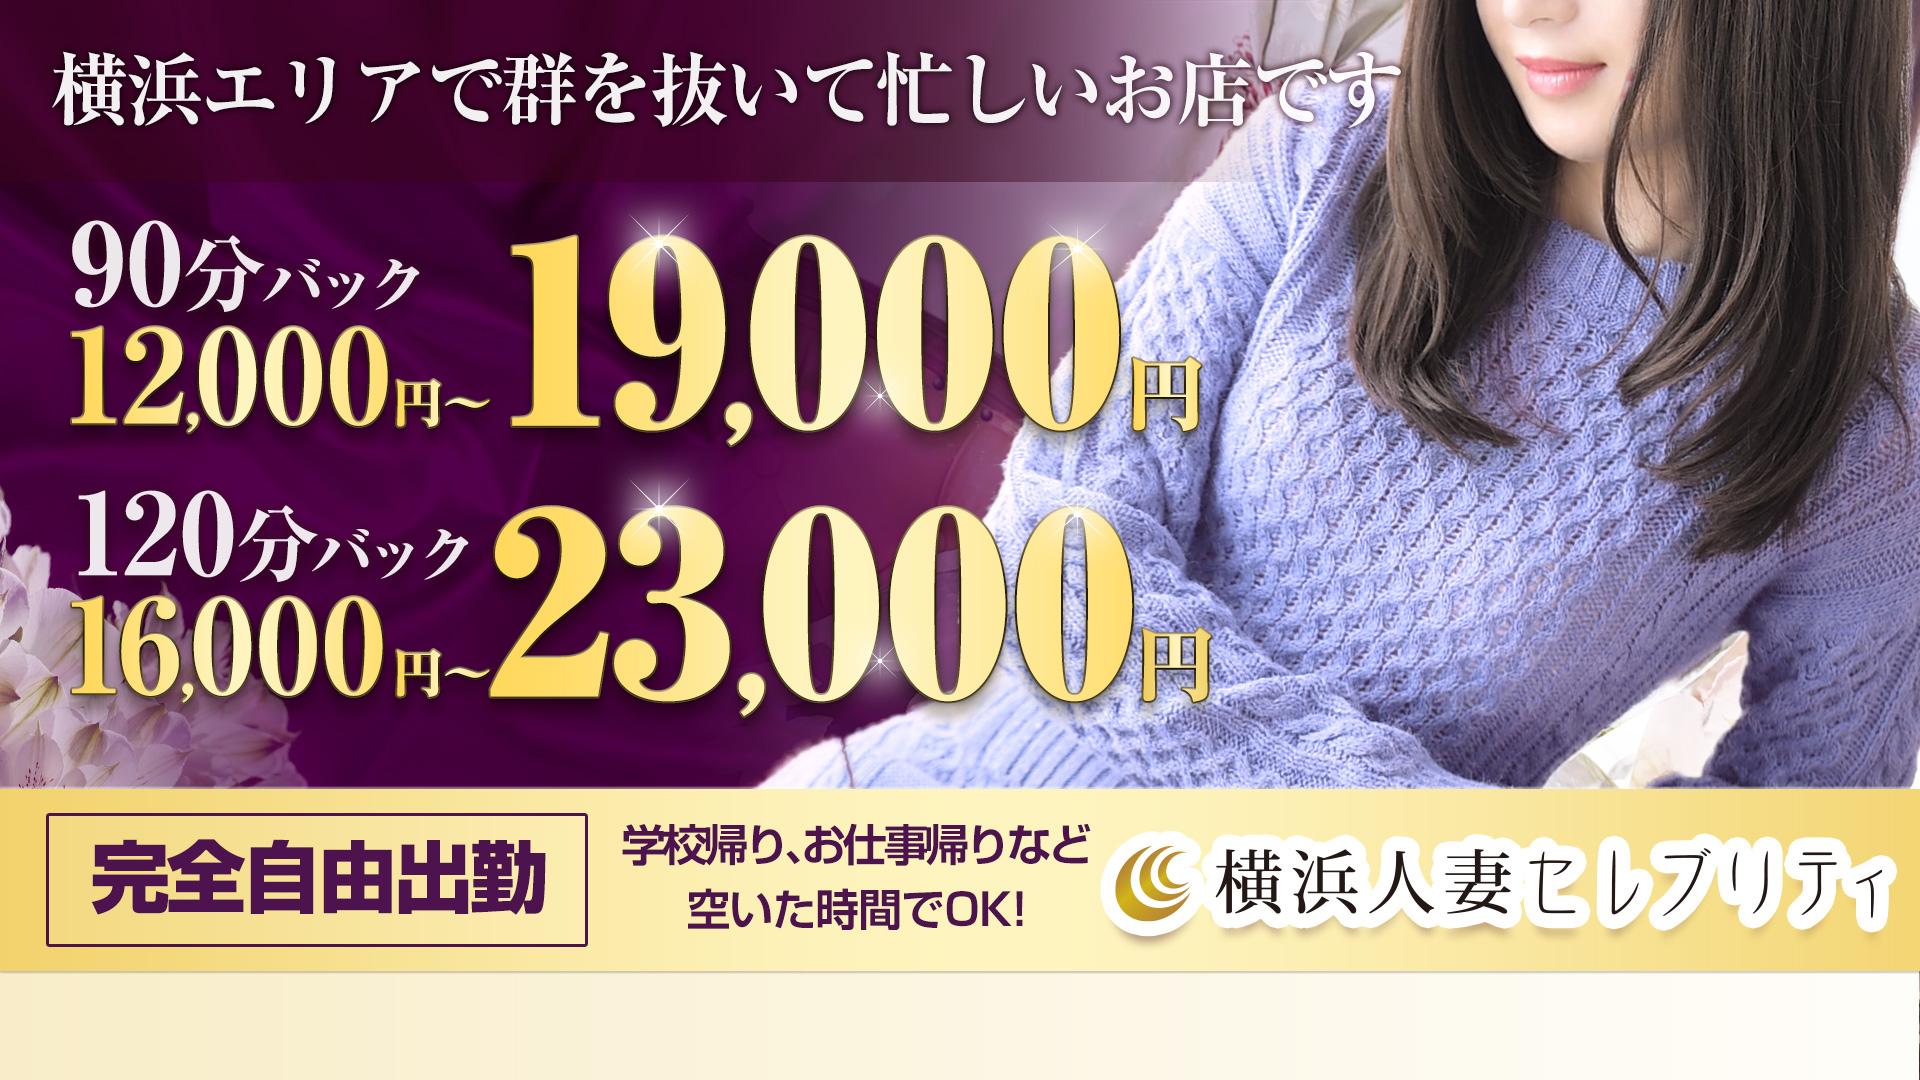 横浜人妻セレブリティの求人画像